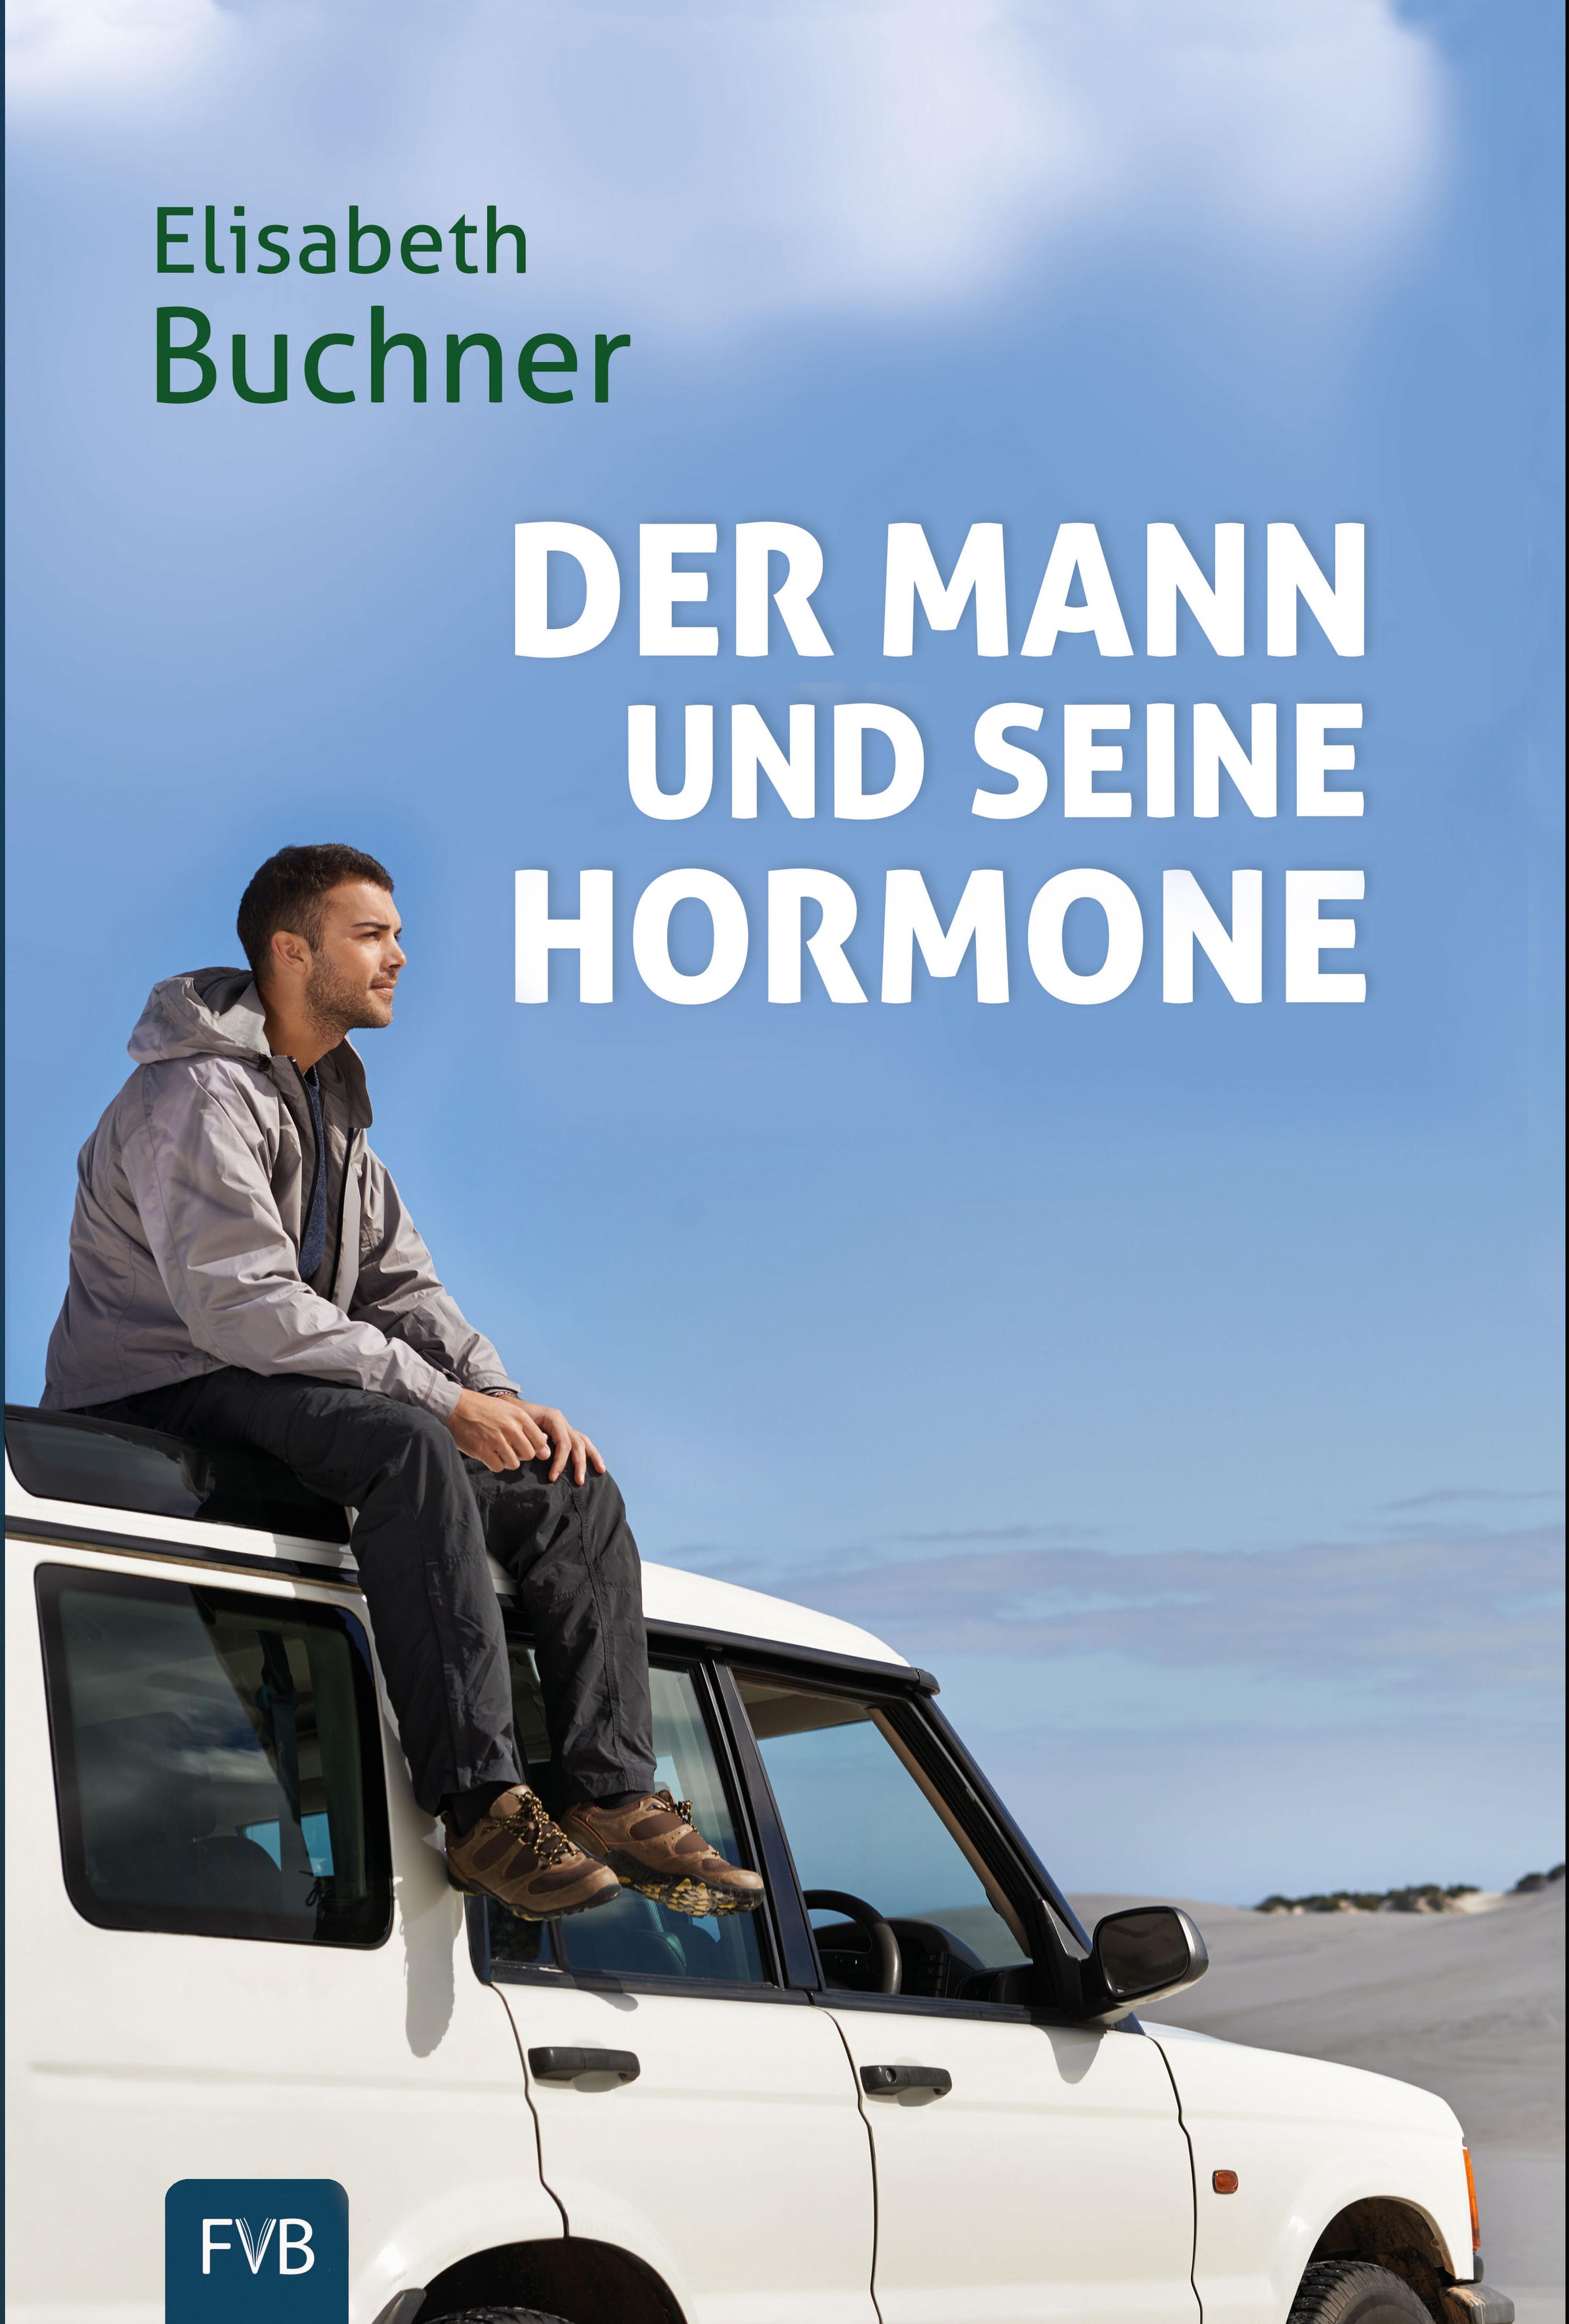 Der Mann und seine Hormone Elisabeth Buchner